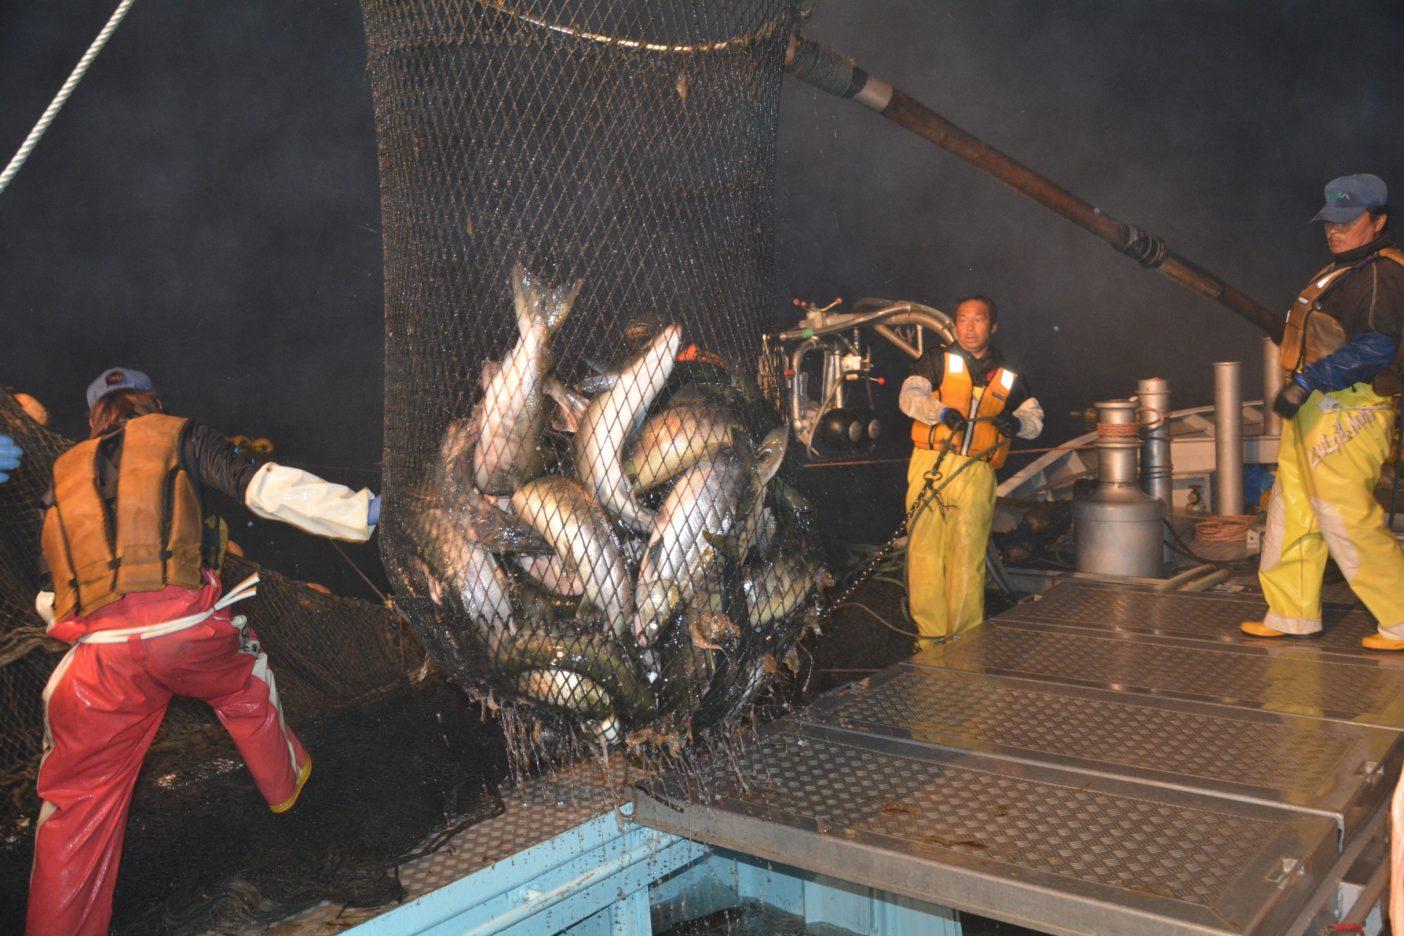 定置網にかかったサケをタモで掬う漁師。危険をともなう作業であるがゆえ、船上には緊張感が漂う。その無駄のない手際の良い作業は圧巻。写真:村上春二